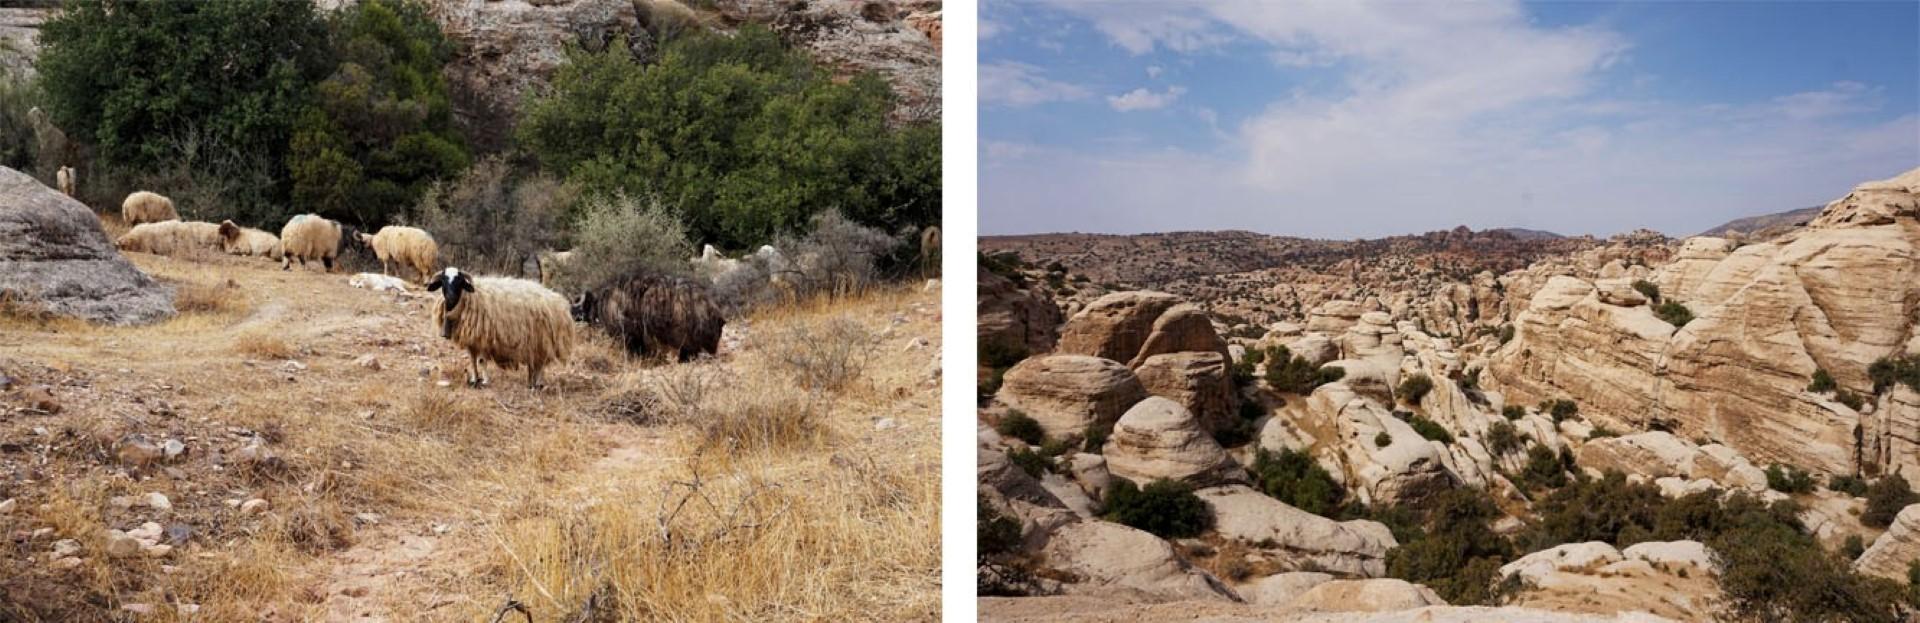 Voyage en Jordanie - Petra Wadi-Rum - Réserve naturelle de Dana